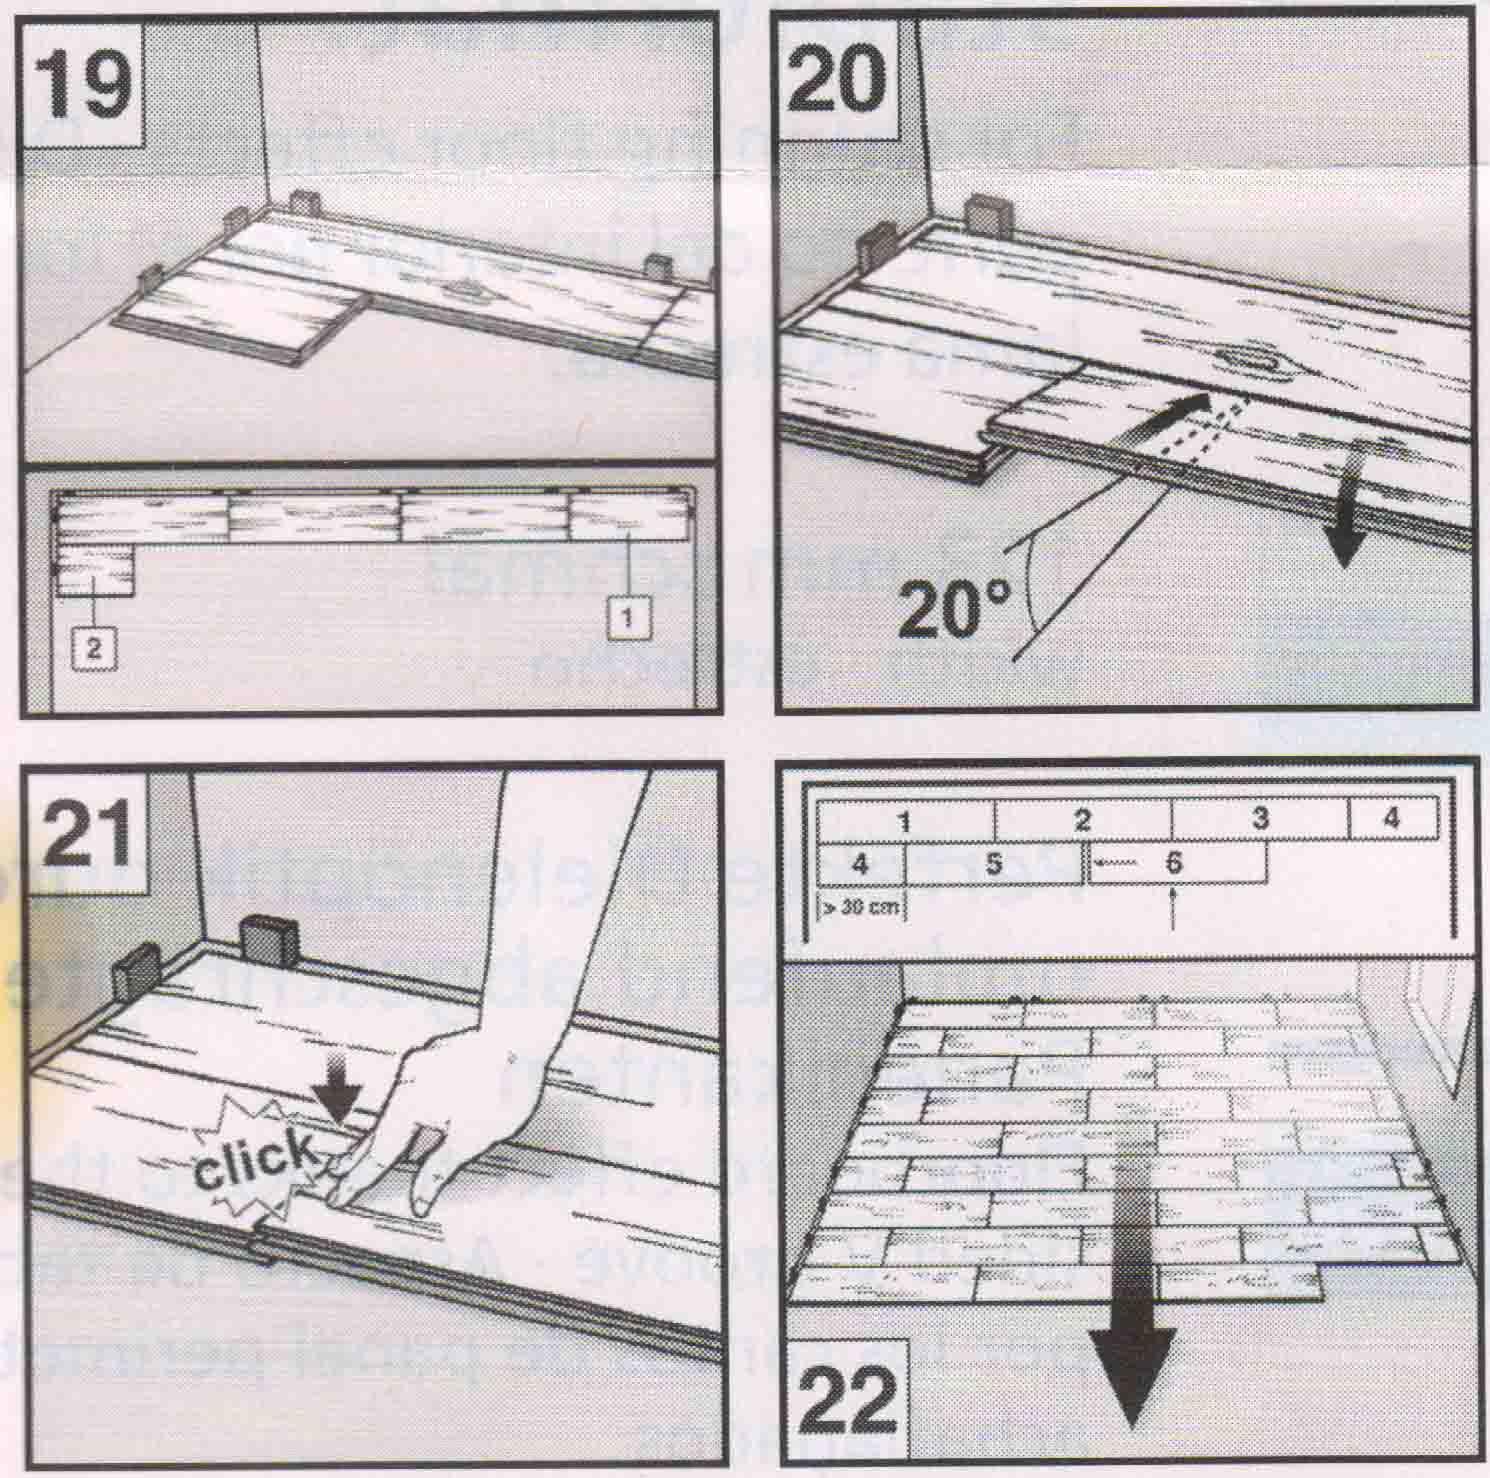 Укладка ламината своими руками - технология установки напольного покрытия и особенности настила (140 фото)